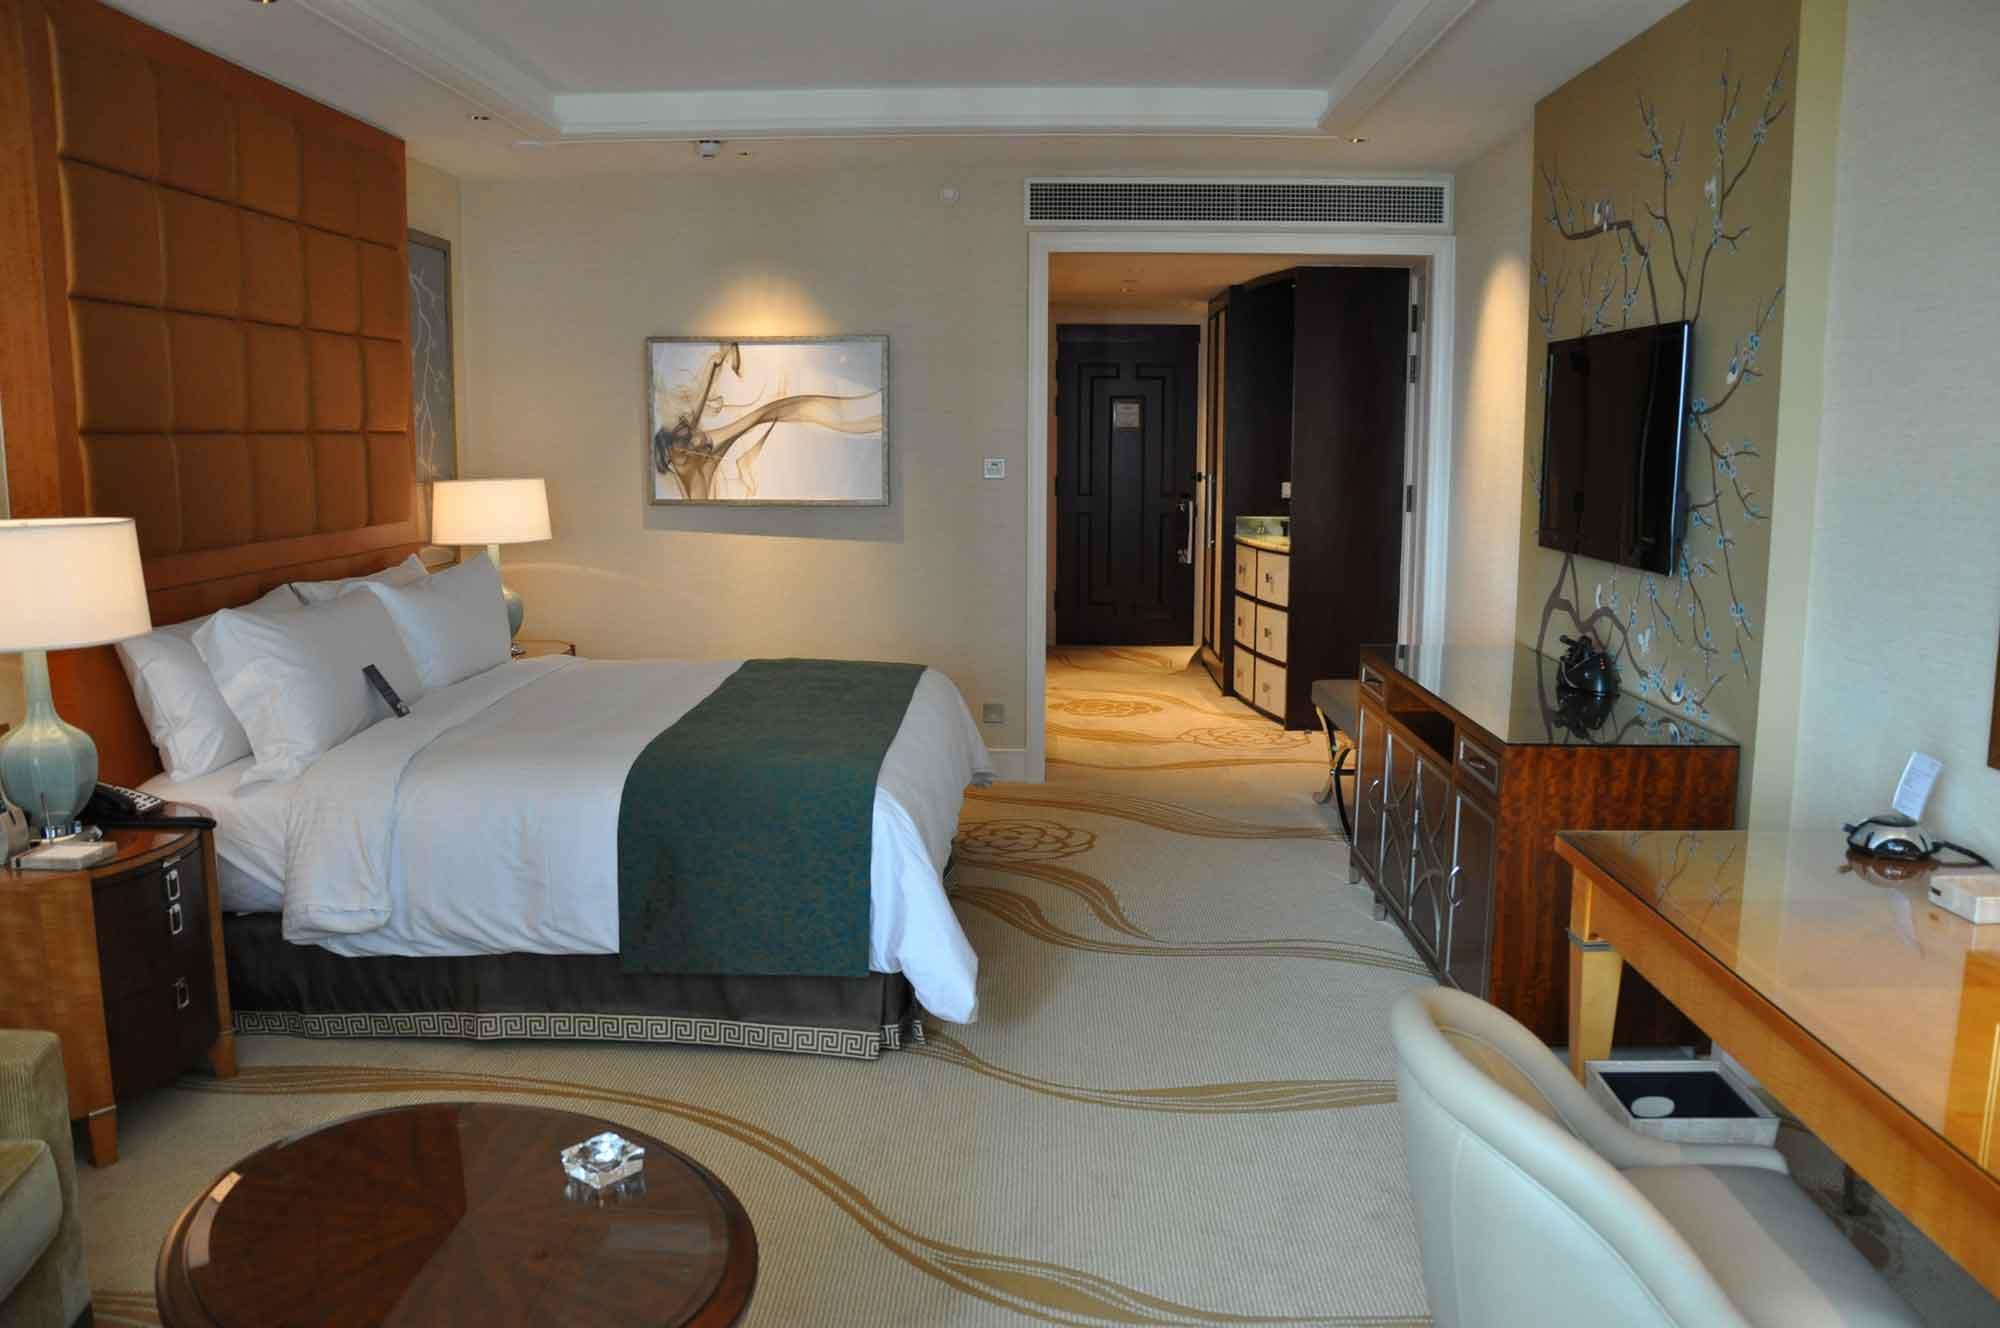 Conrad Macau King Deluxe room view toward door